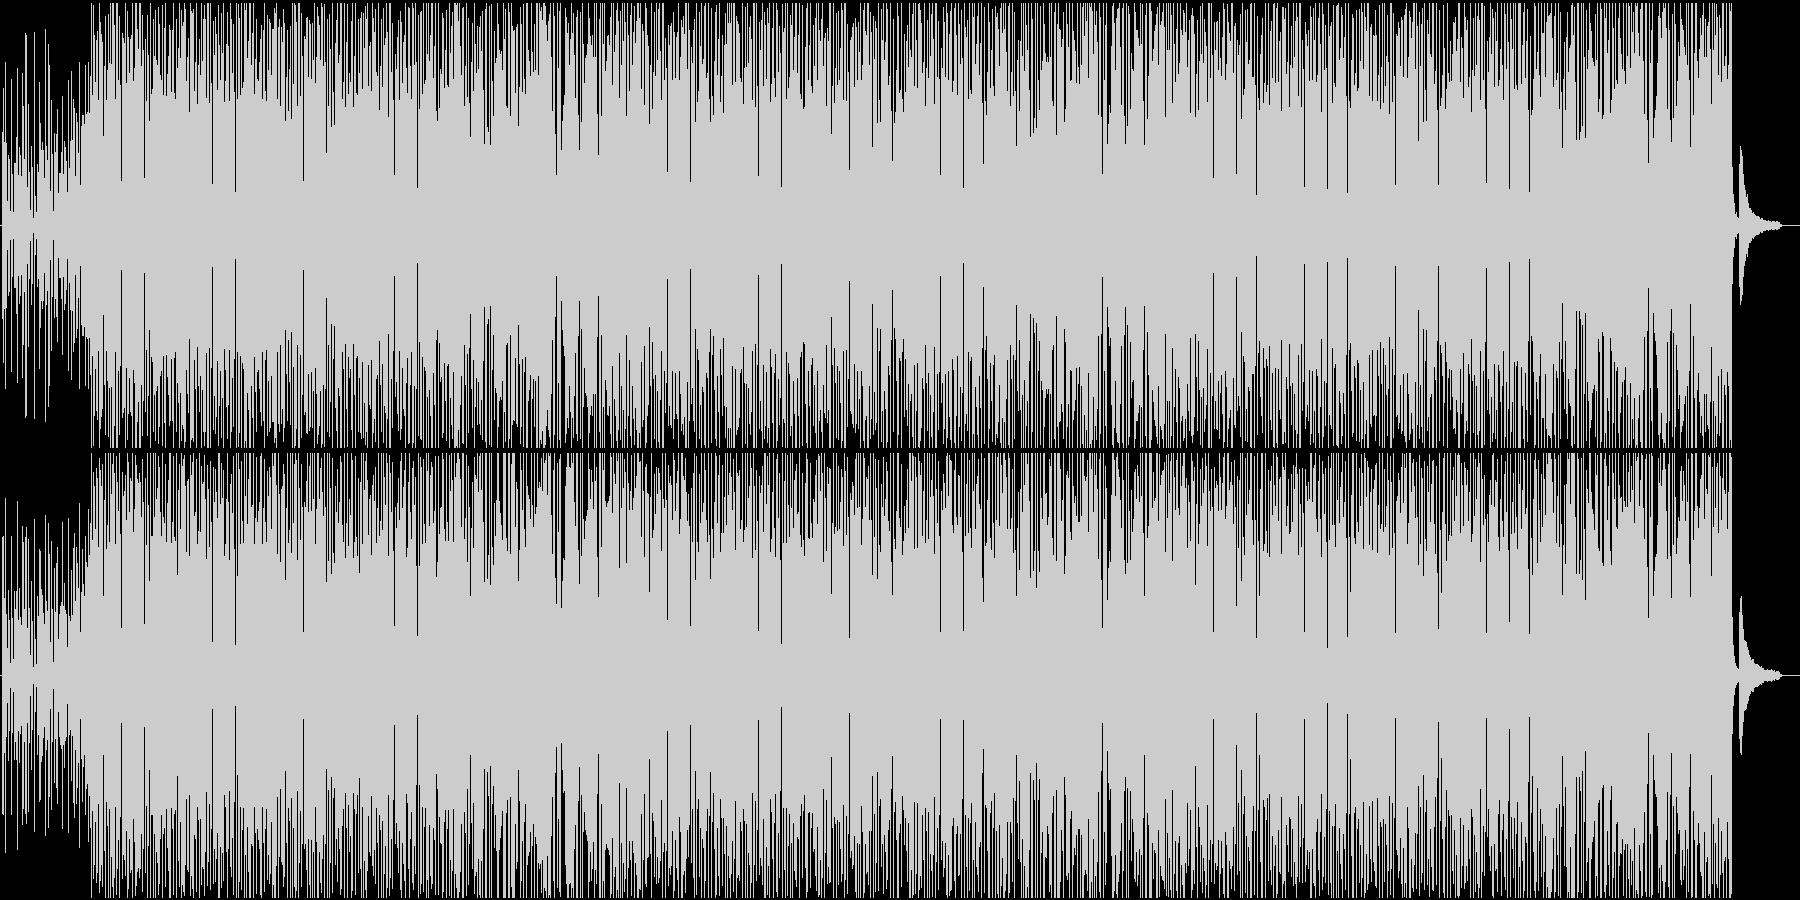 可愛くポップで元気なコンセプトムービー系の未再生の波形